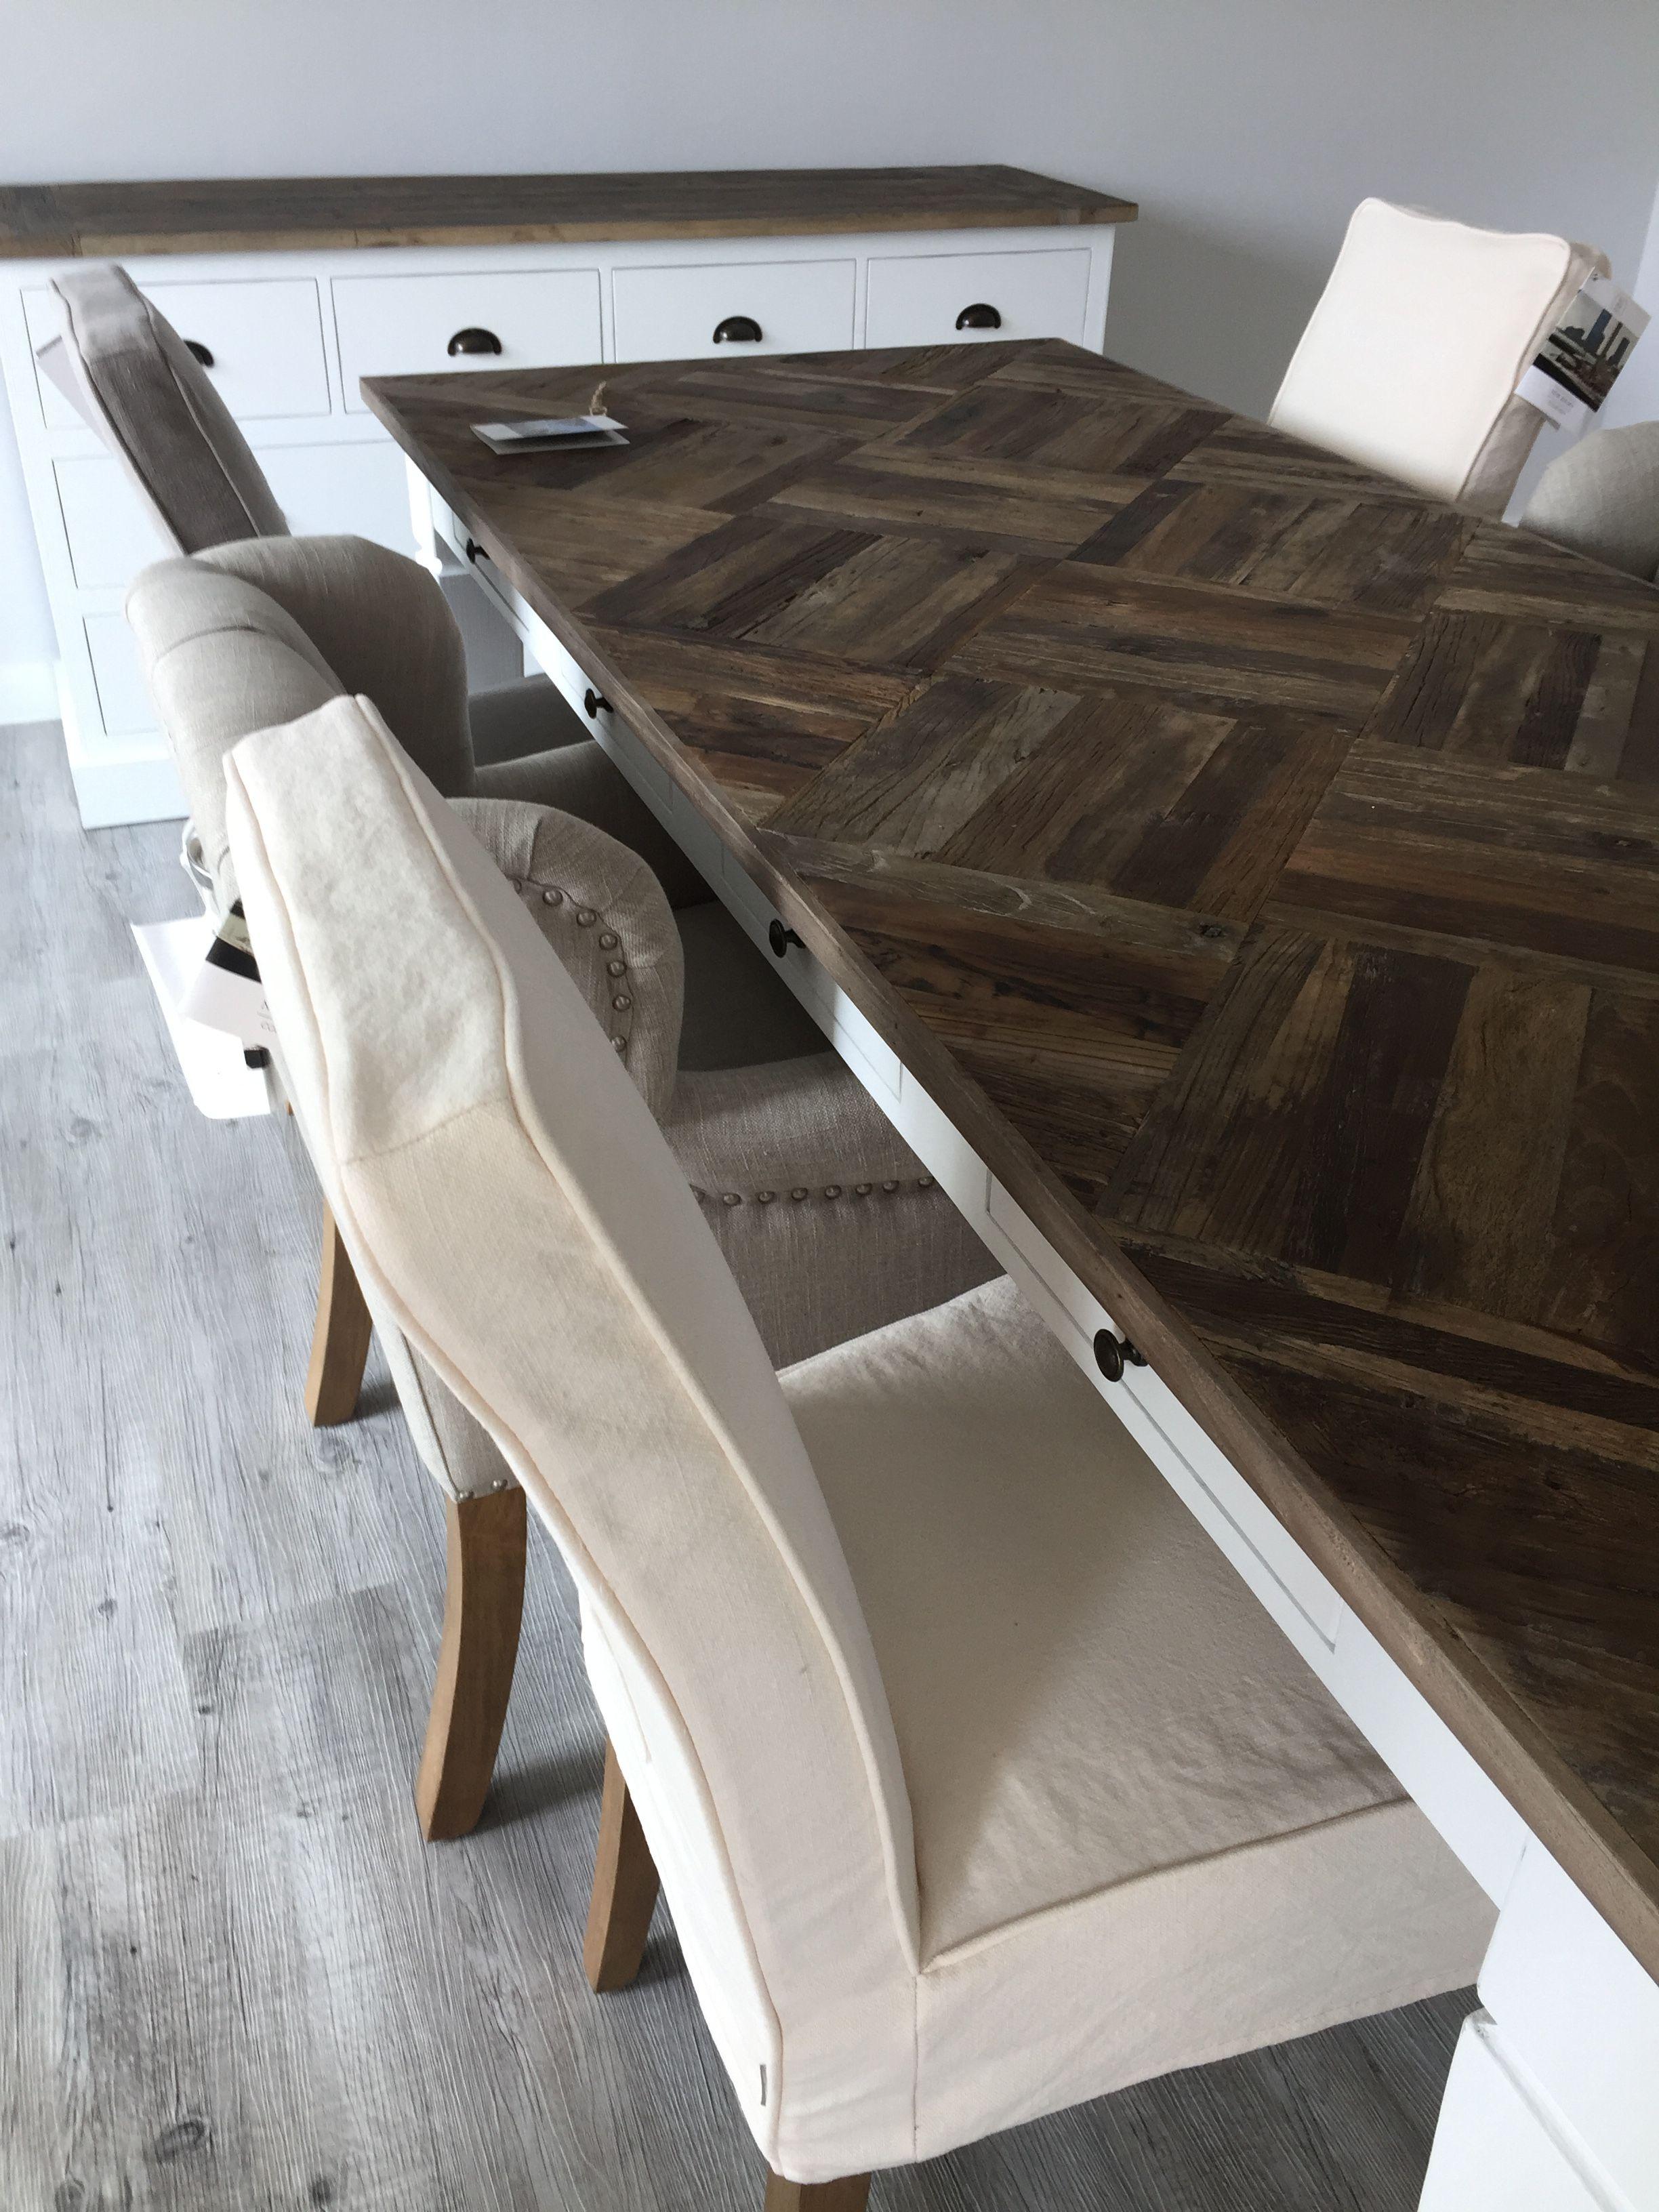 Wunderschöner Briggs Road Tisch von Riviera Maison. Ein